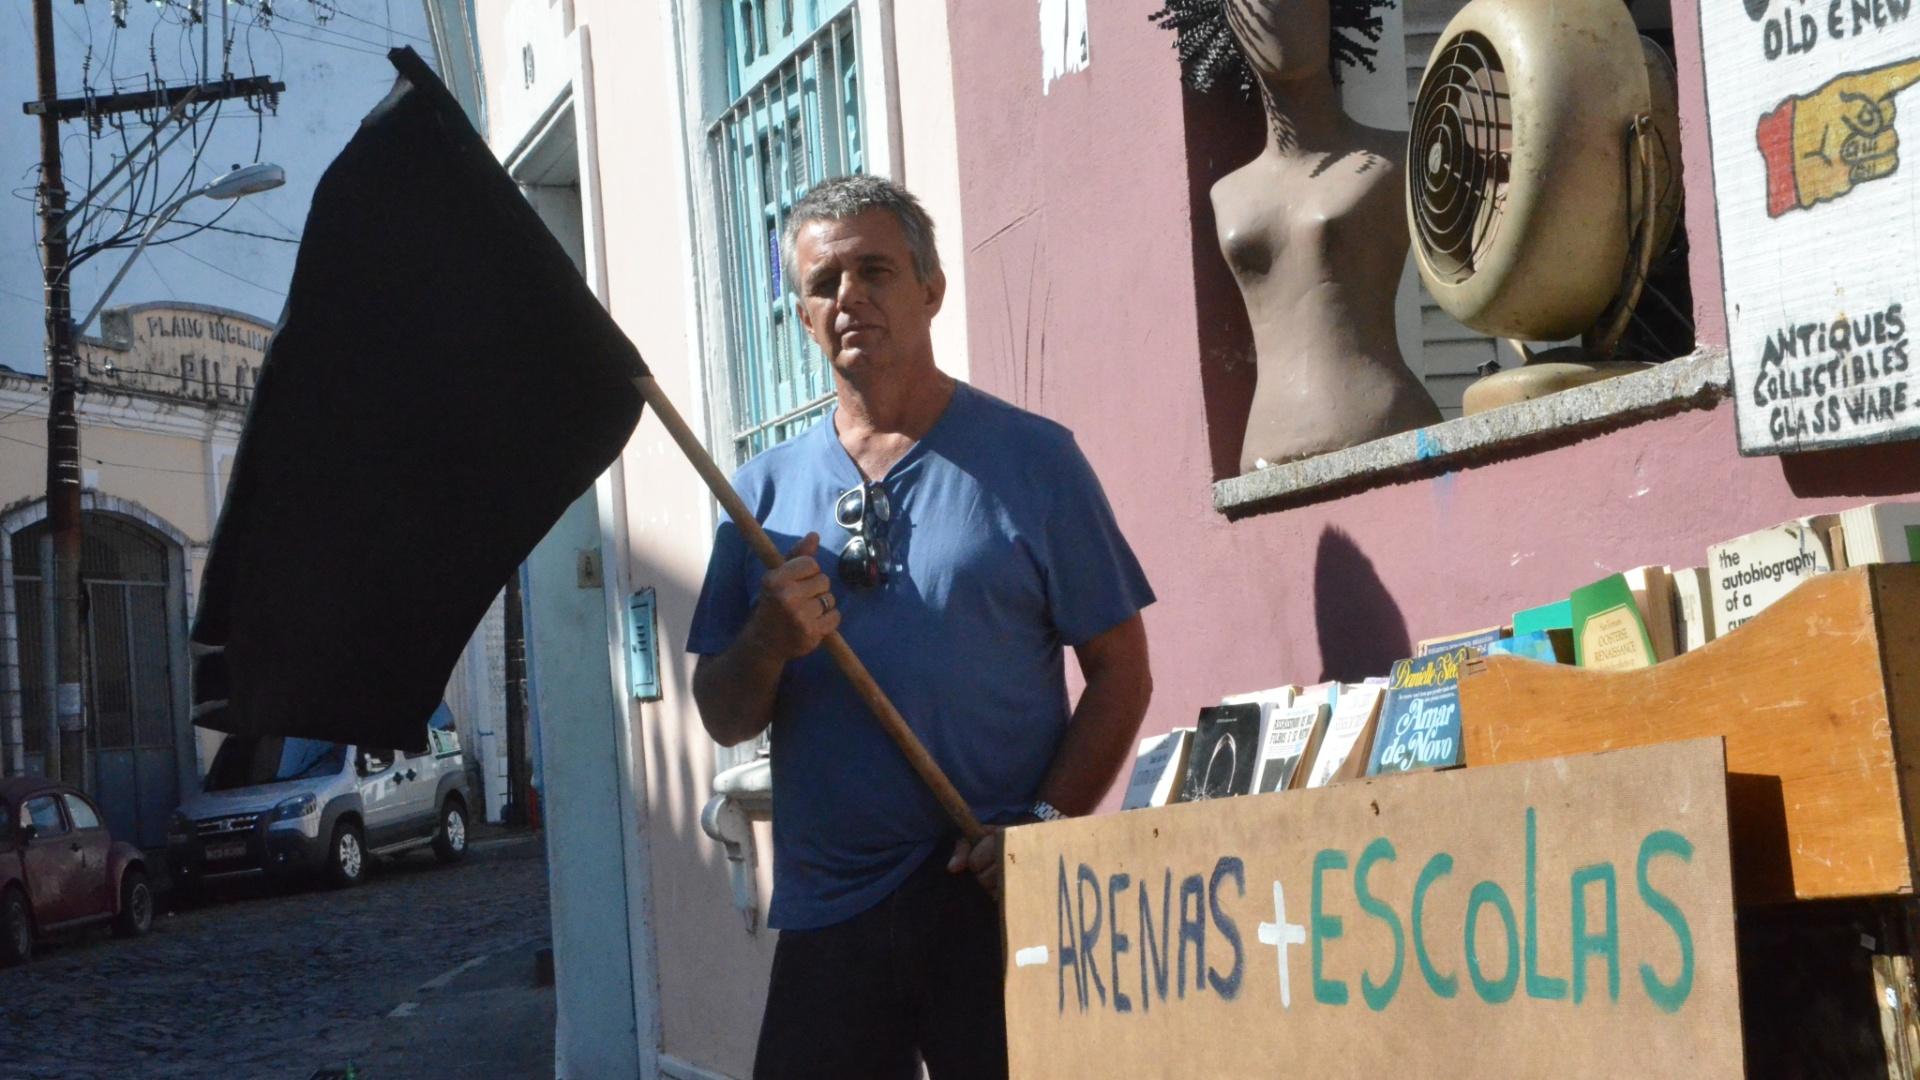 João Cabral diz que está pronto para protestar, mas vai torcer para o Brasil